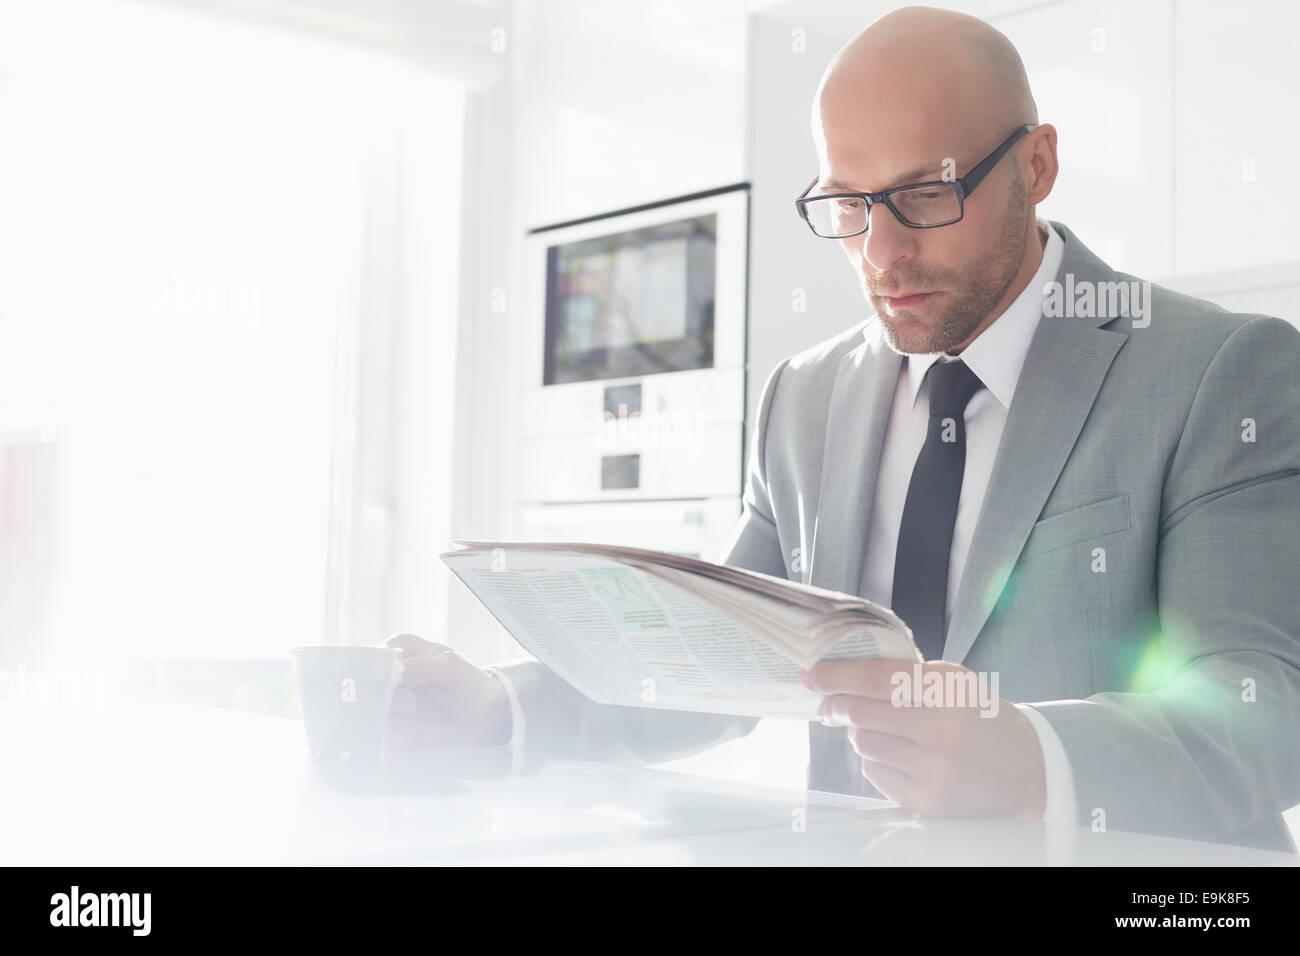 Mitte adult Geschäftsmann Kaffeetrinken beim lesen Zeitung zu Hause Stockbild